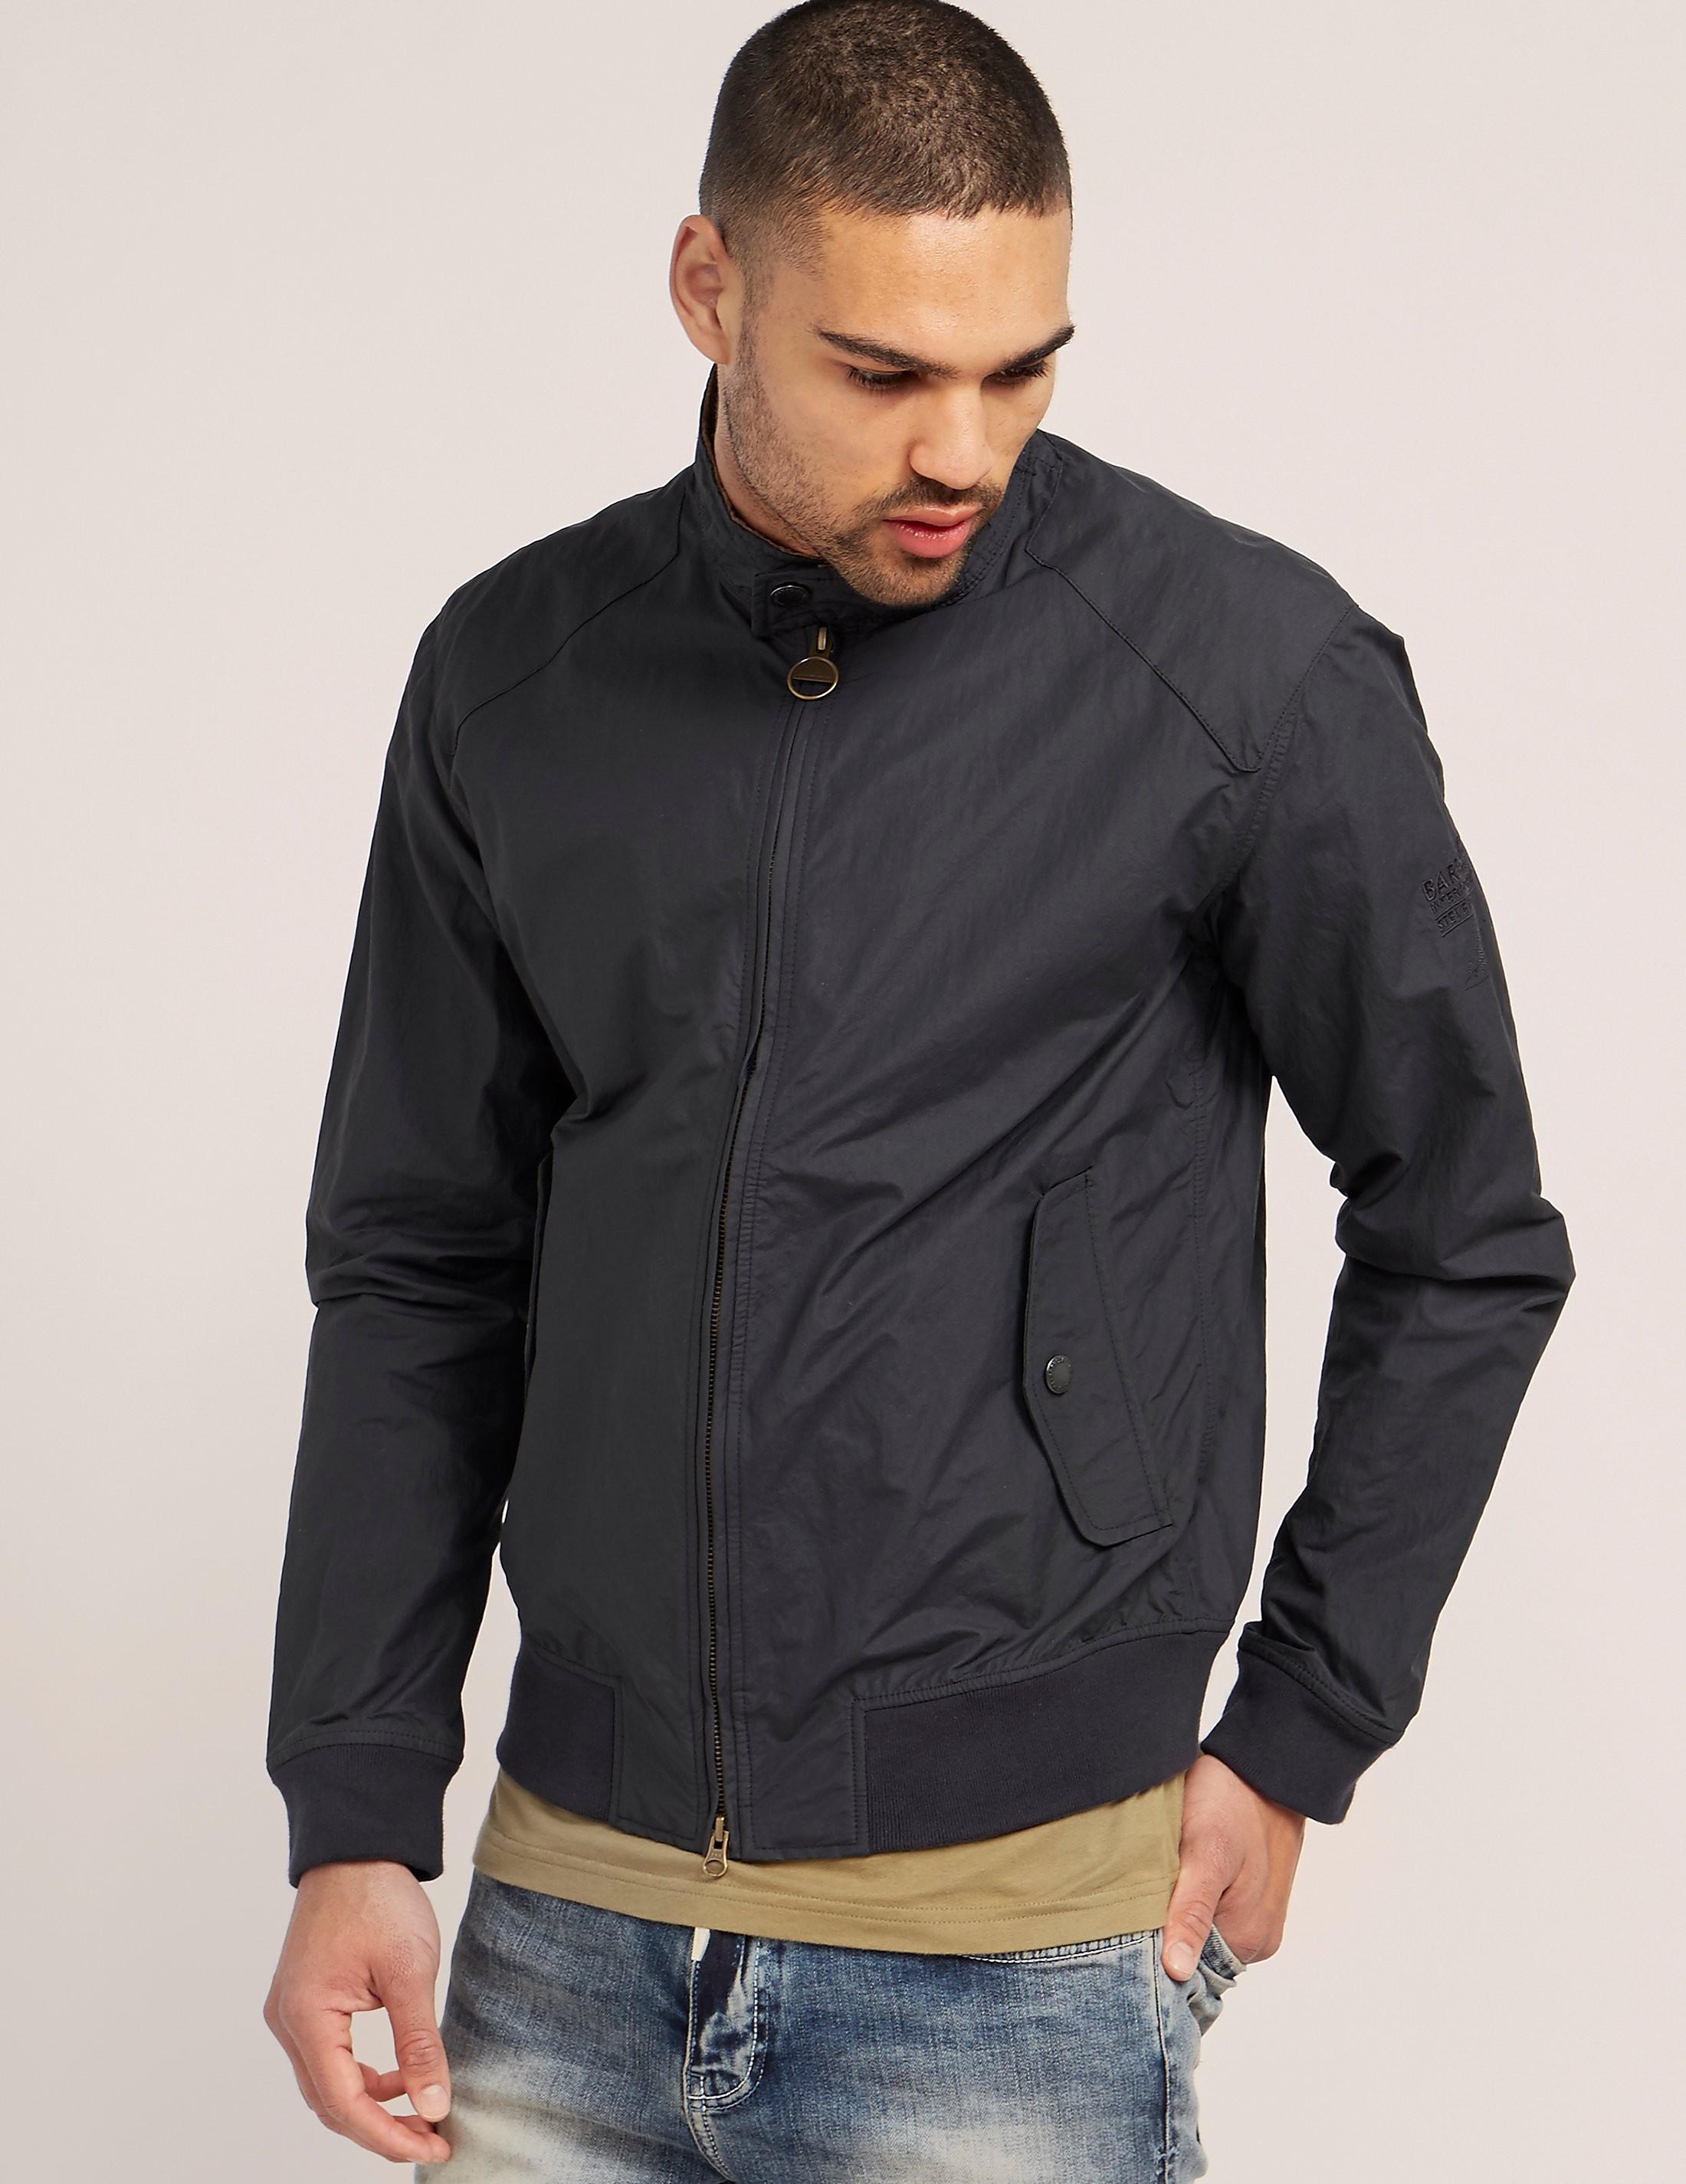 Barbour International Steve McQueen Rectifier Jacket